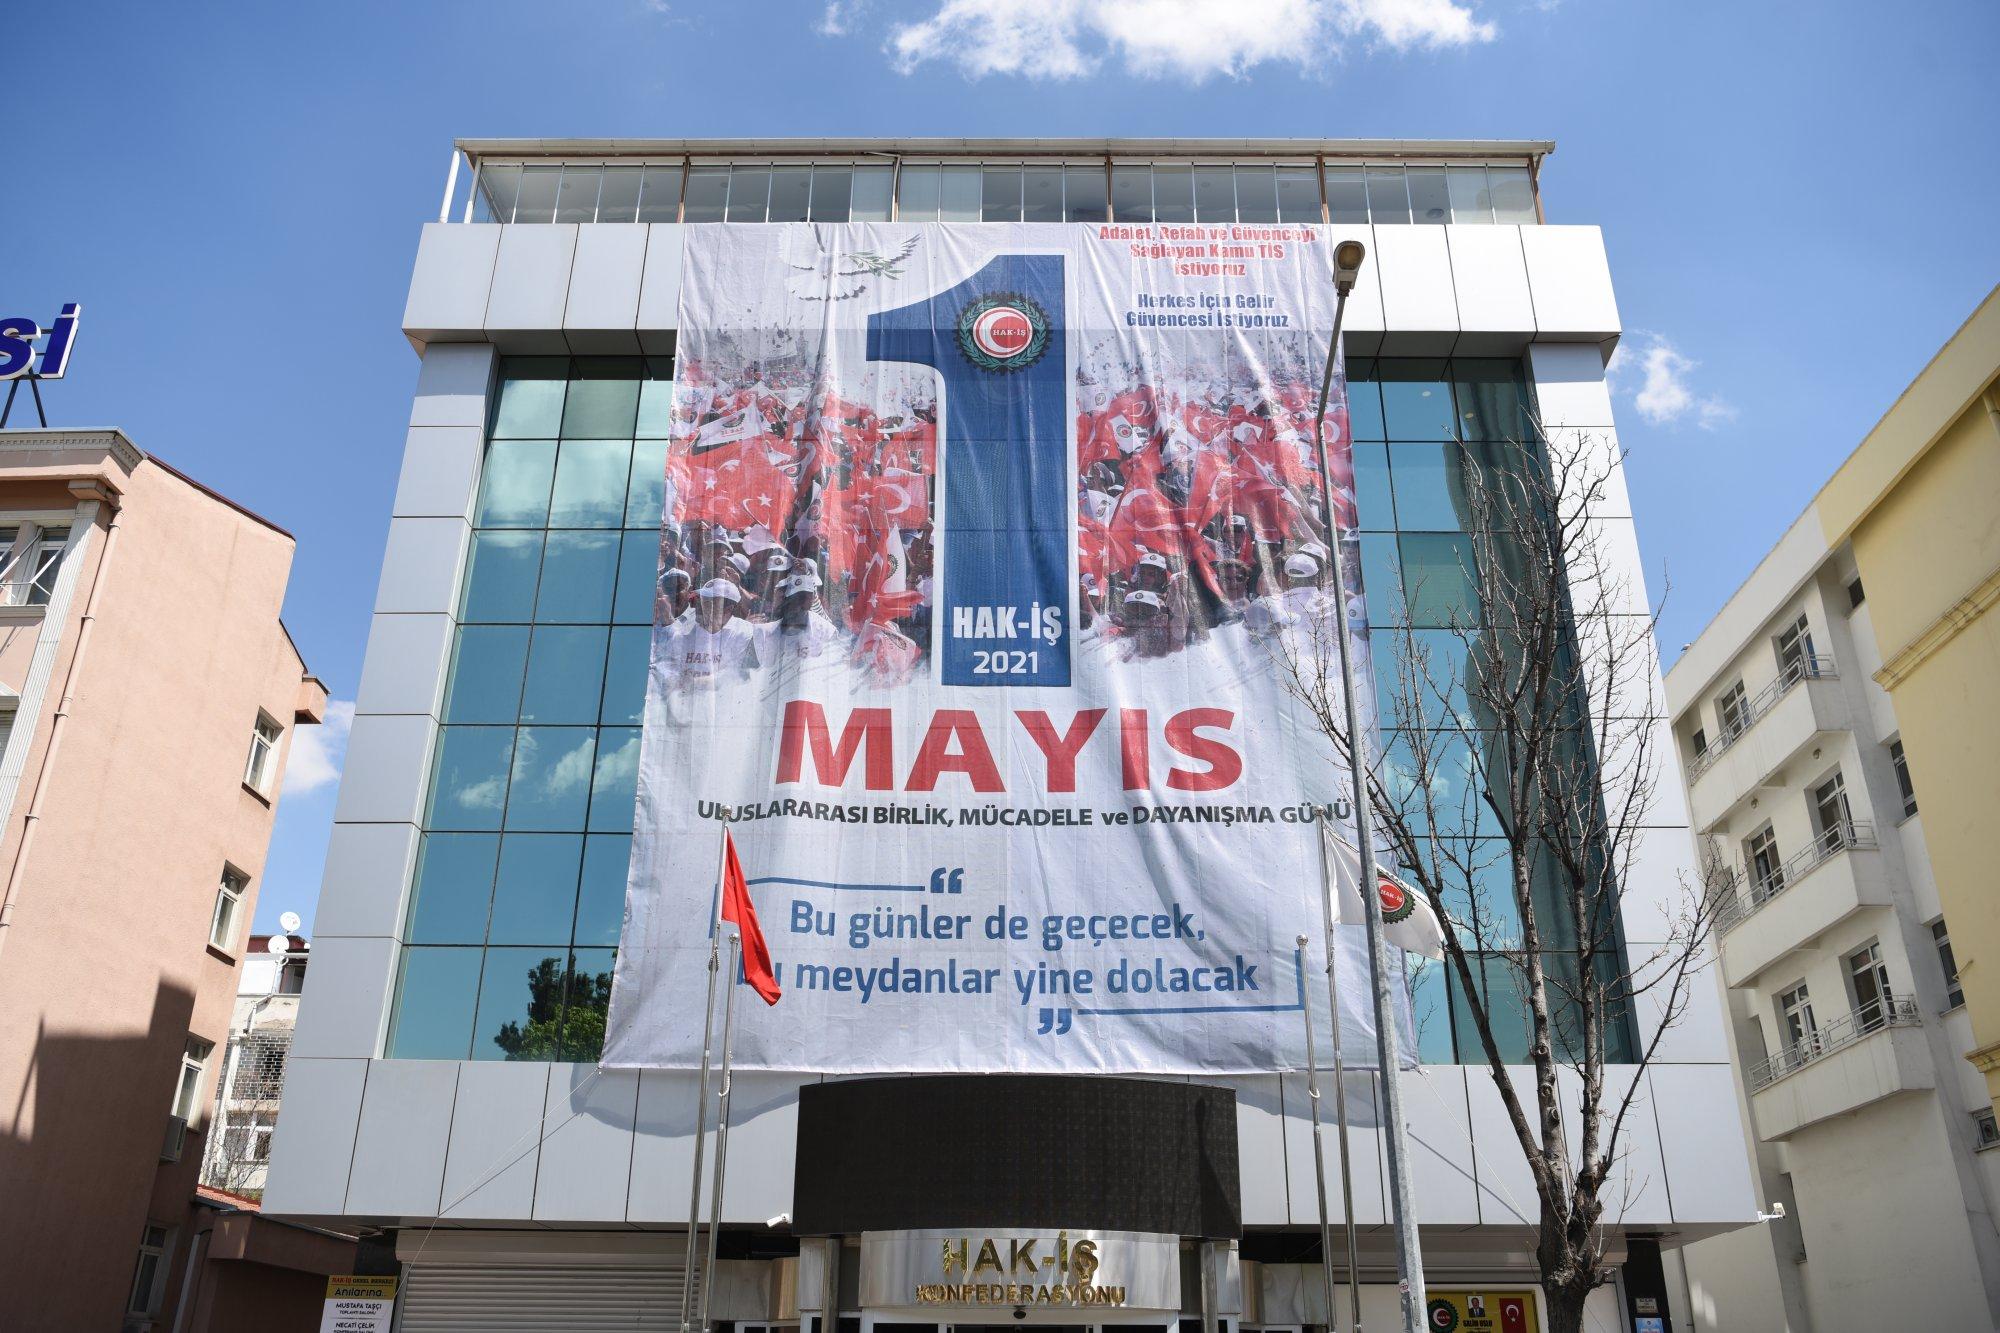 HAK-İŞ 1 MAYIS HAFTASI KUTLAMALARI BAŞLADI